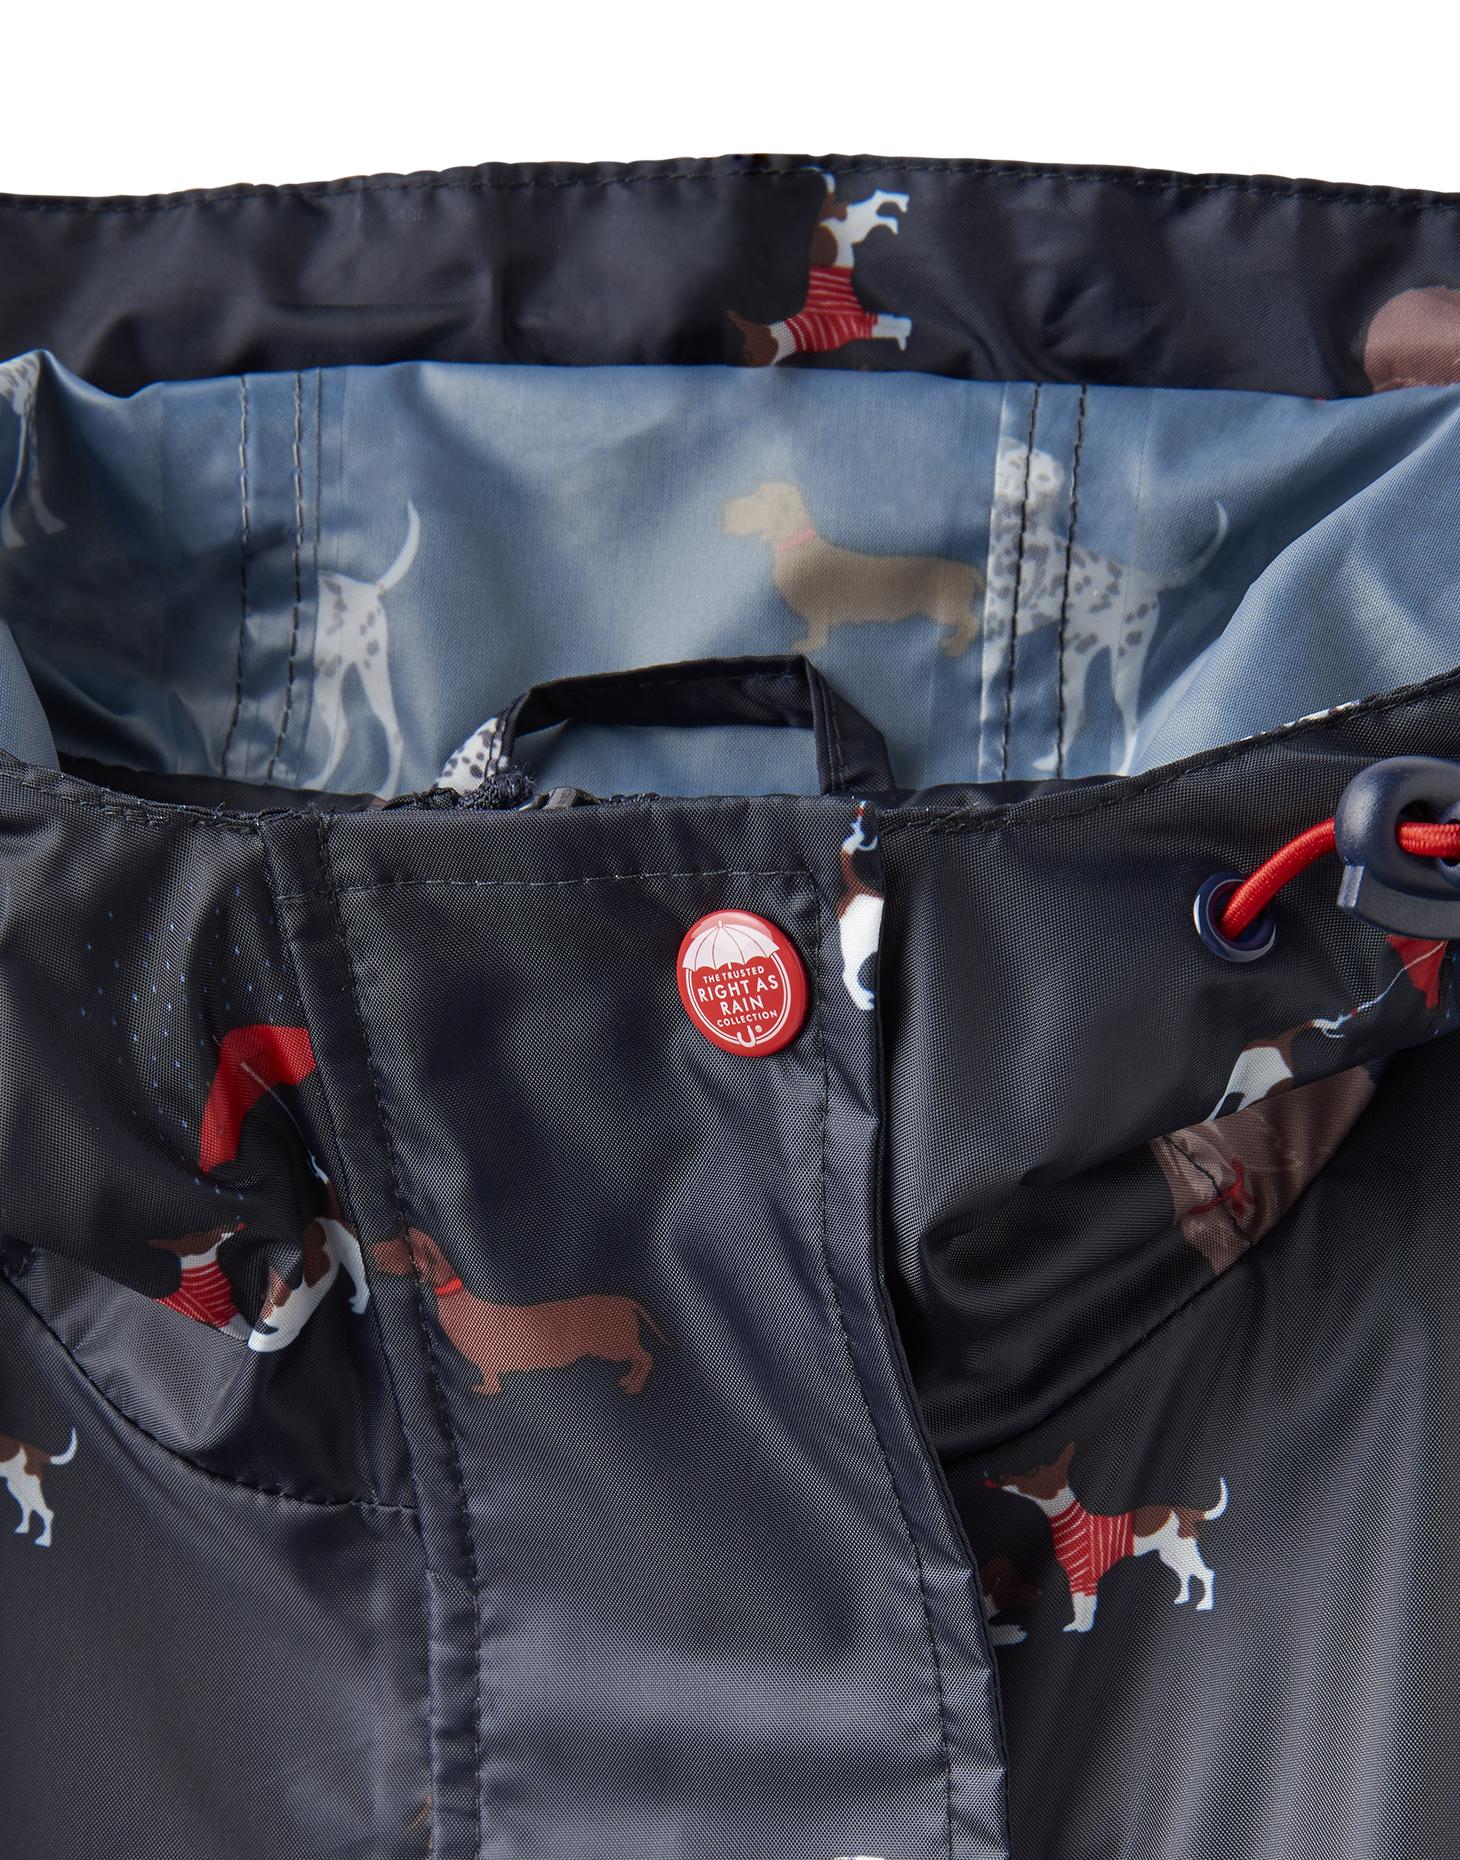 Joules-Golightly-Femme-Imprime-Impermeable-Packaway-veste-bleu-marine-Chiens miniature 7